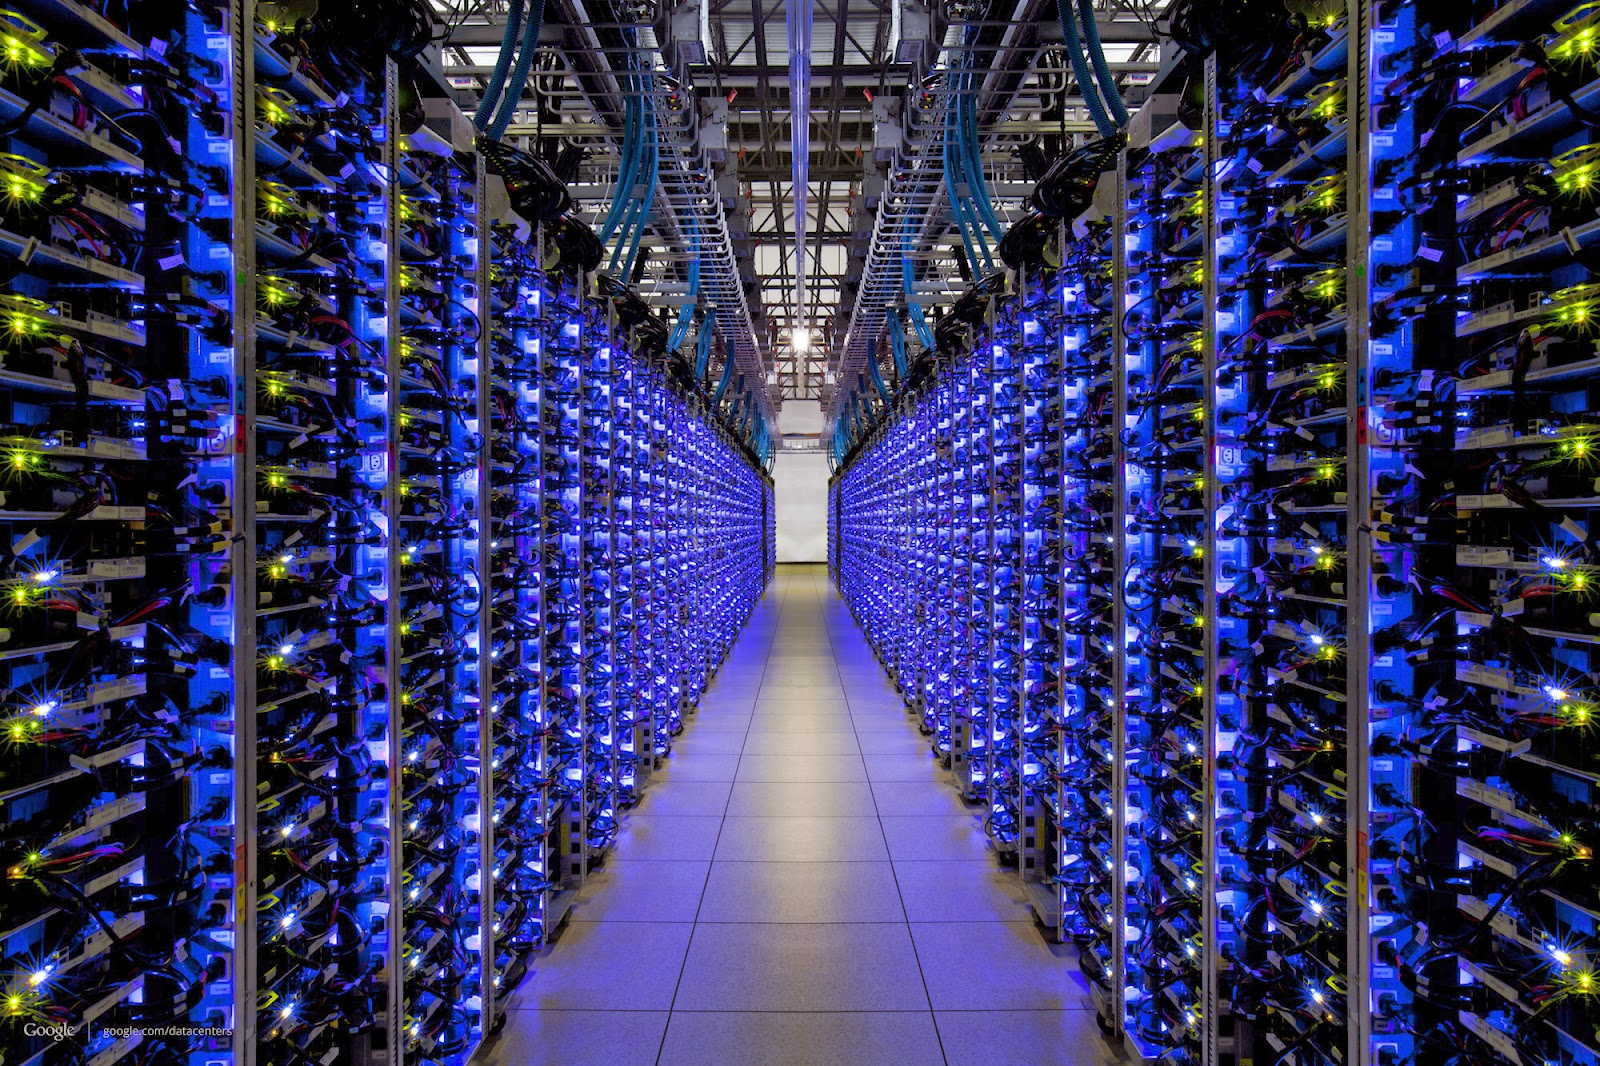 google-datacenter-technews24h